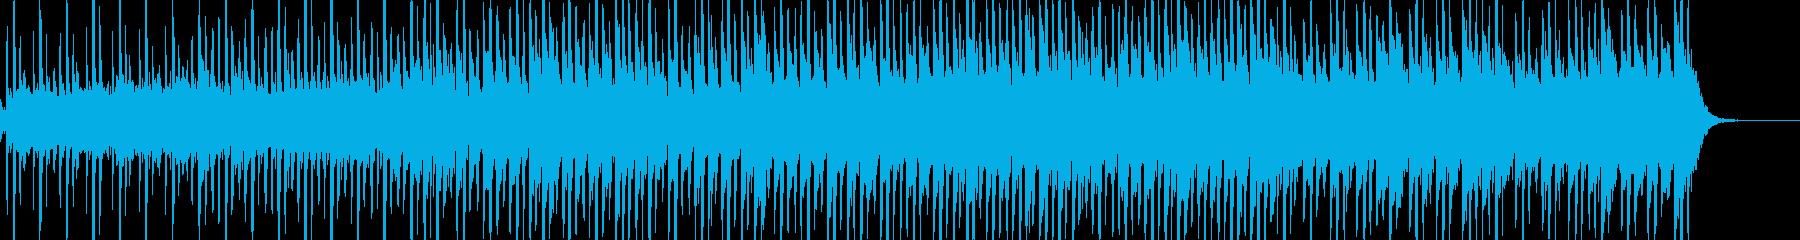 ループ可、ノリノリ、CM、シンセとビートの再生済みの波形